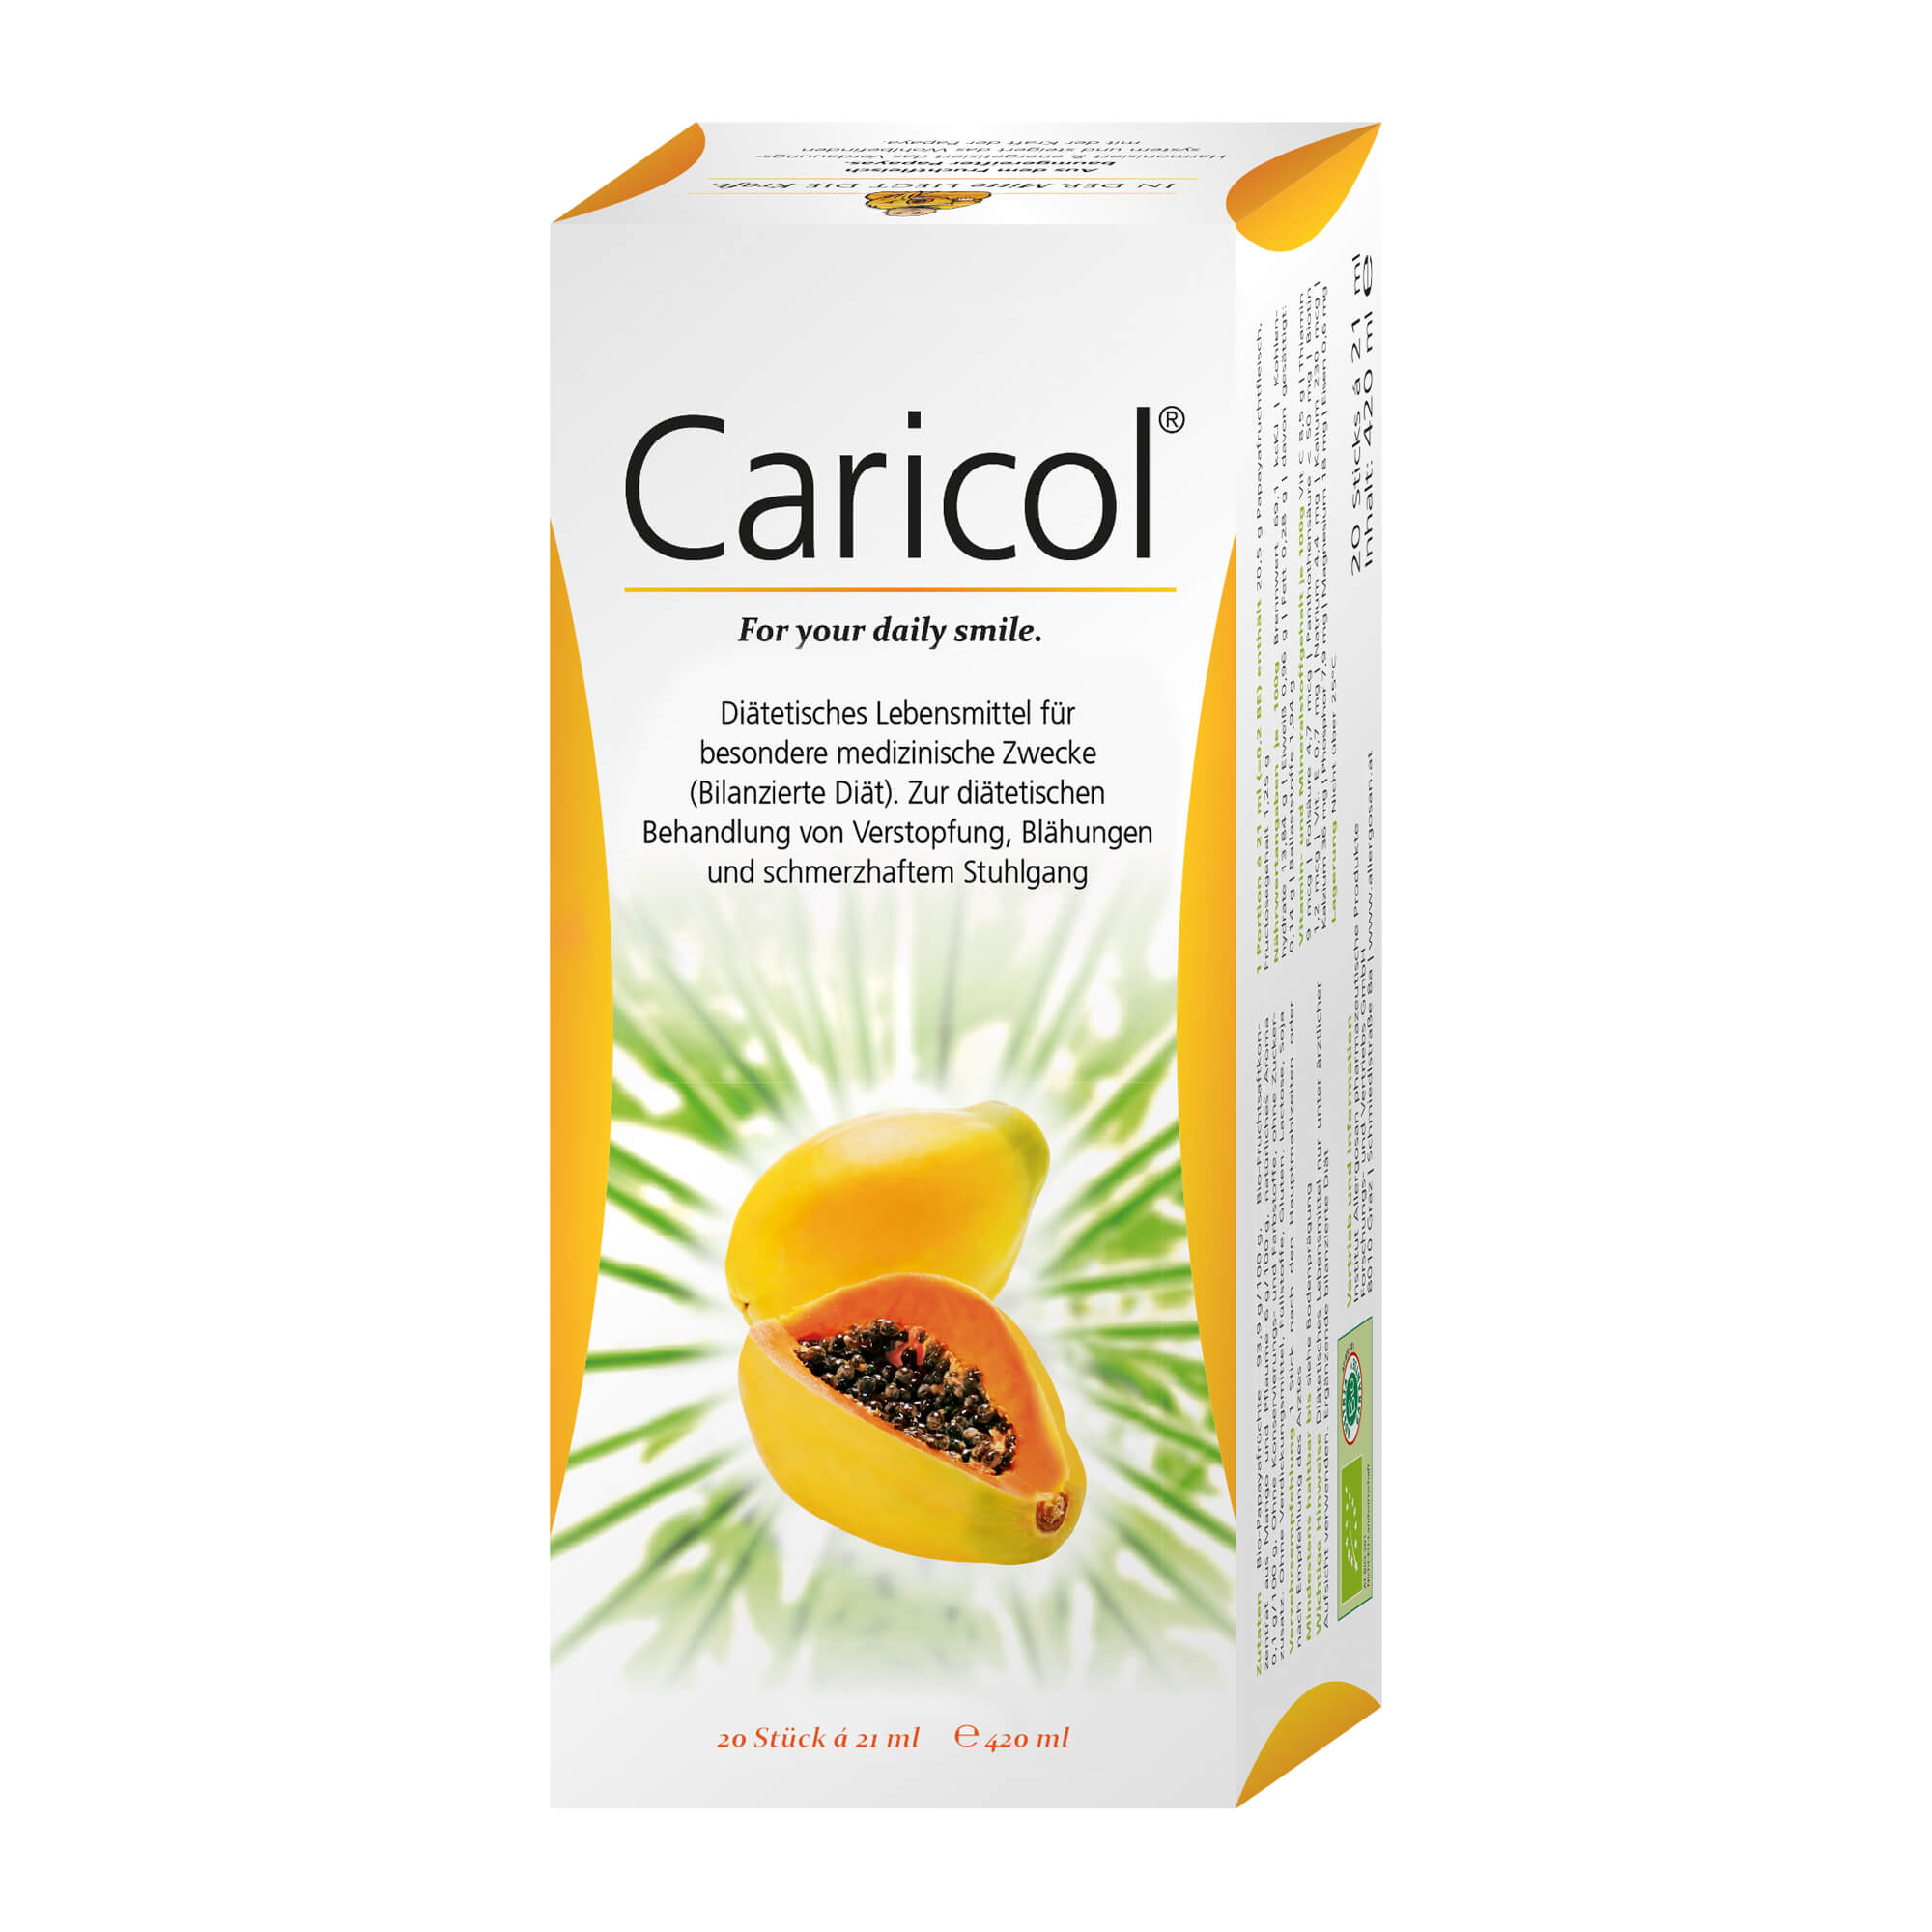 Caricol Beutel Diätetisches Lebensmittel